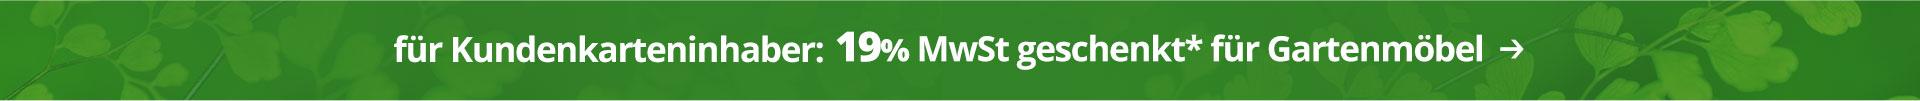 19% MwSt. geschenkt für Kundenkarteninhaber auf Gartenmöbel